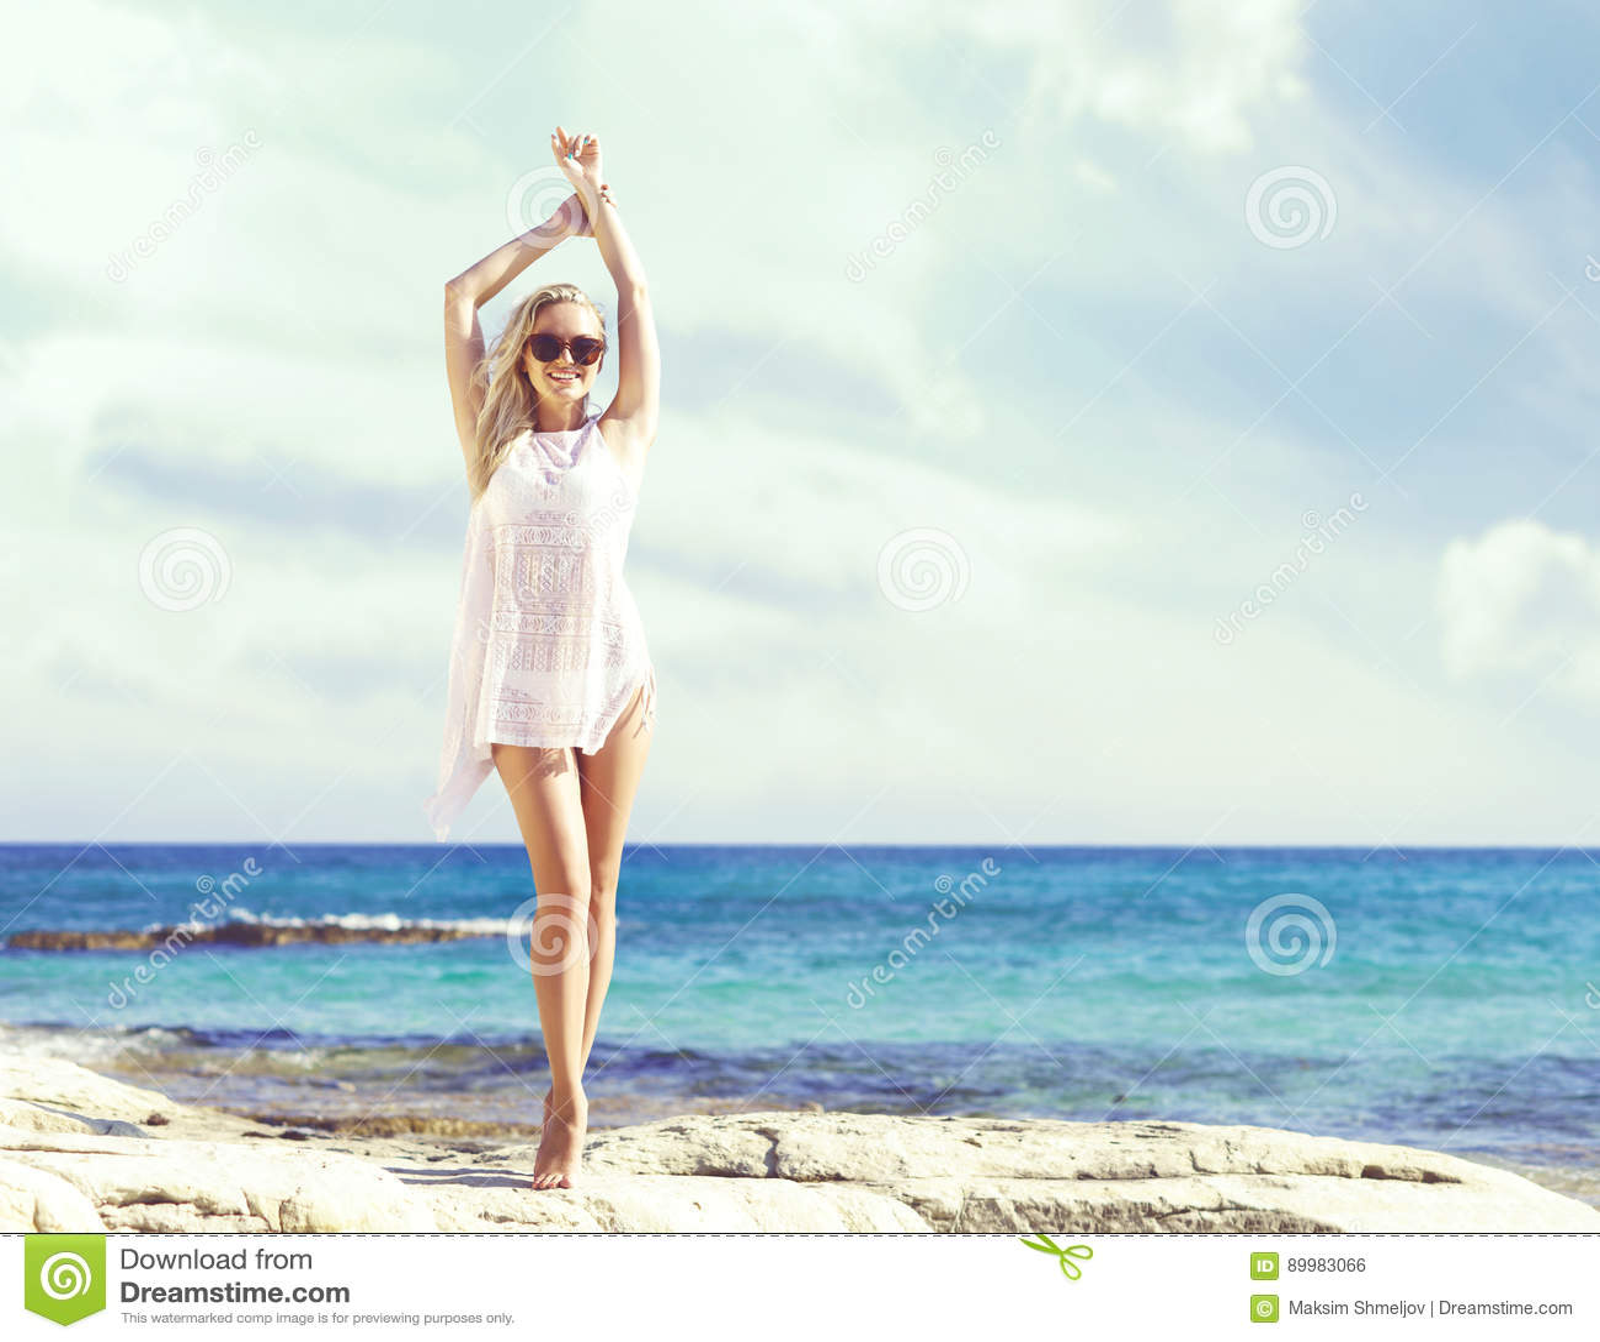 Woman With Beautiful Body In Bikini At Beach Stock Image: Beautiful, Fit And Girl In White Bikini Posing On A Beach